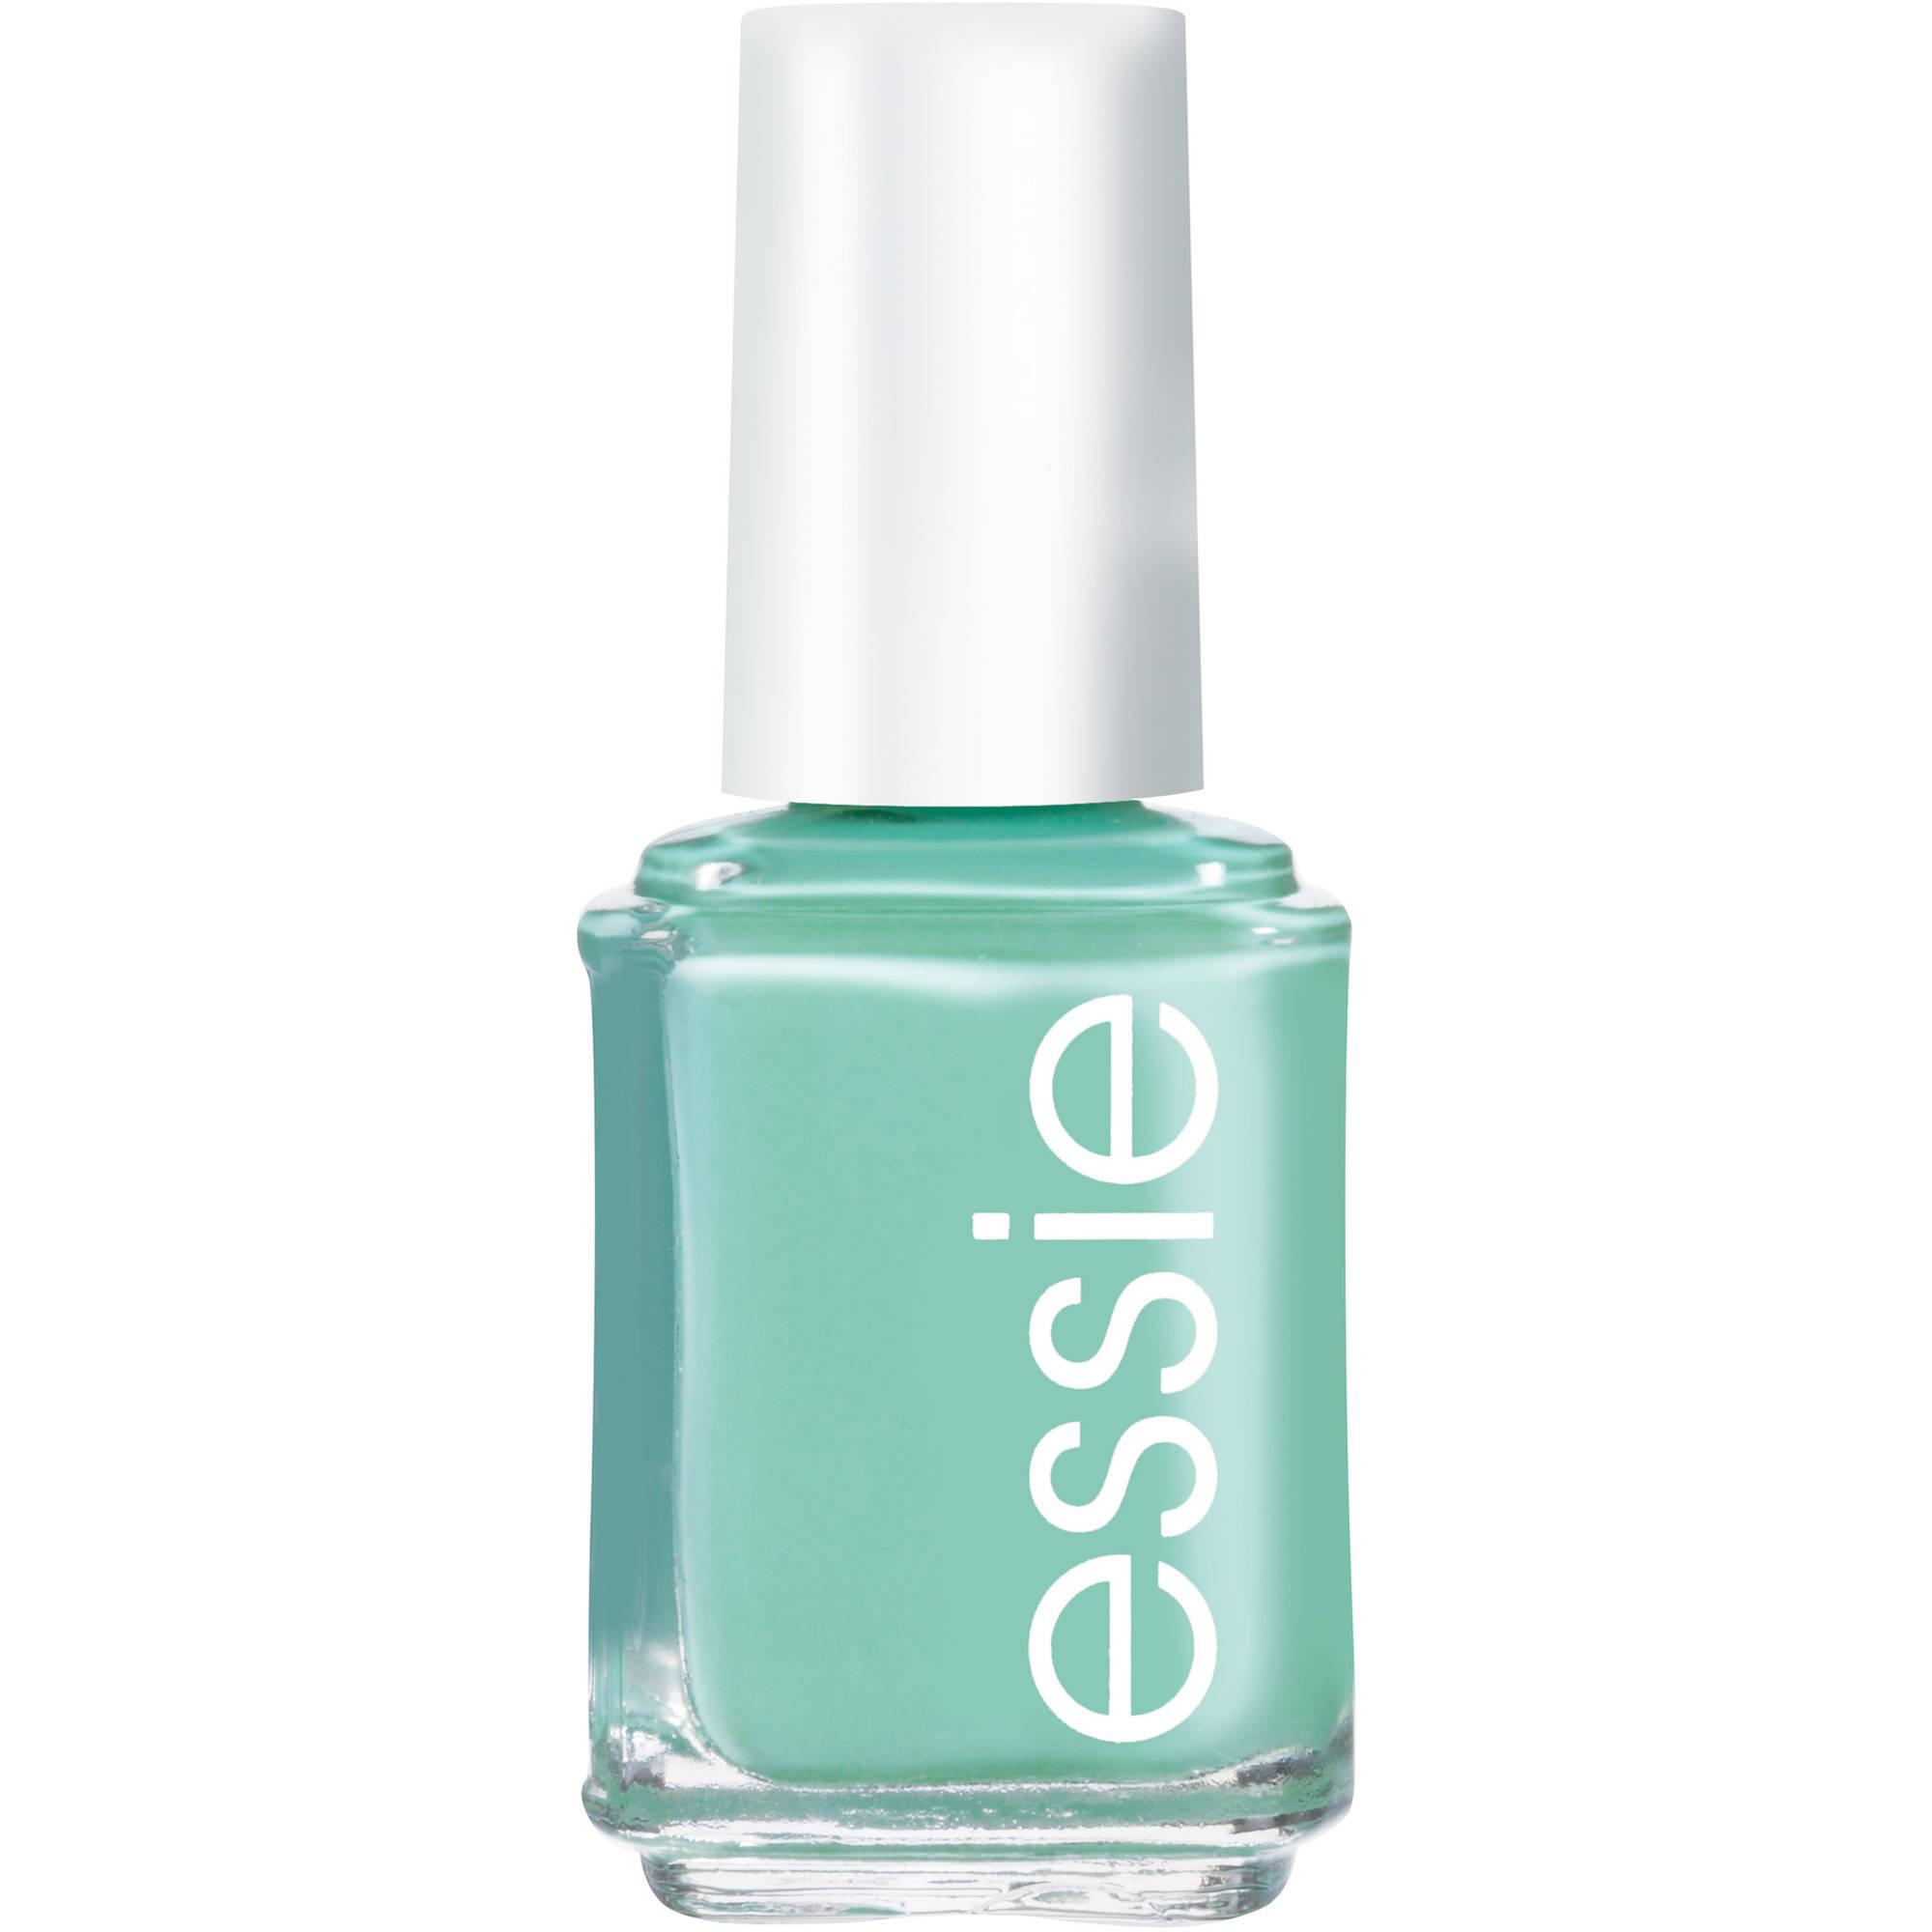 Essie Nail Polish (Greens) Turquoise & Caicos, 0.46 fl oz - Walmart.com